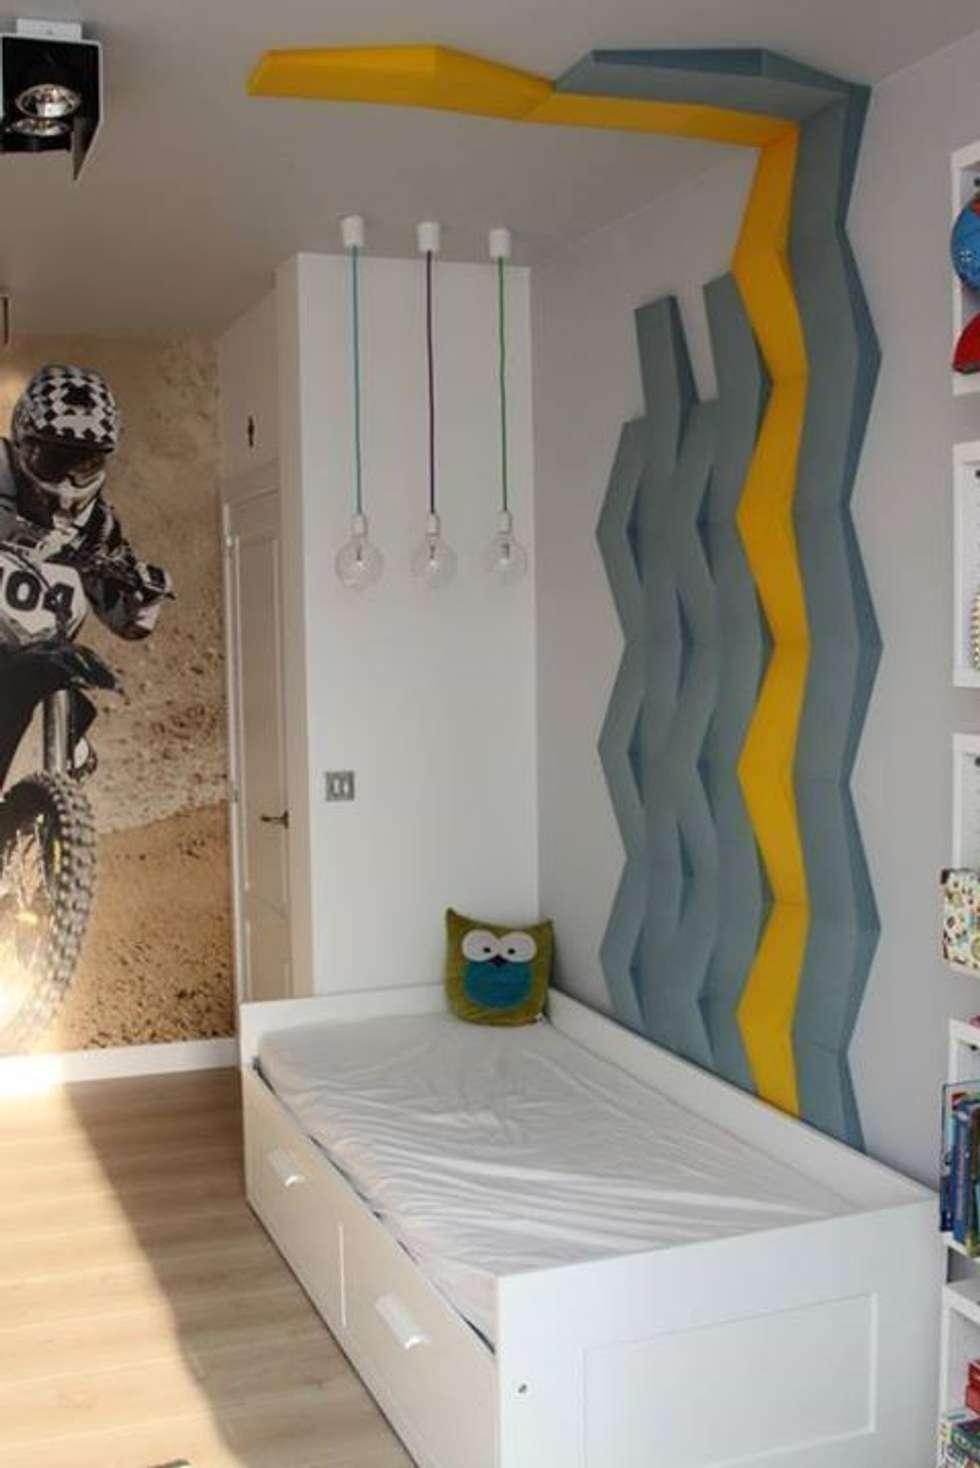 CHEVRON w prywatnej realizacji: styl , w kategorii Ściany zaprojektowany przez FLUFFO fabryka miękkich ścian